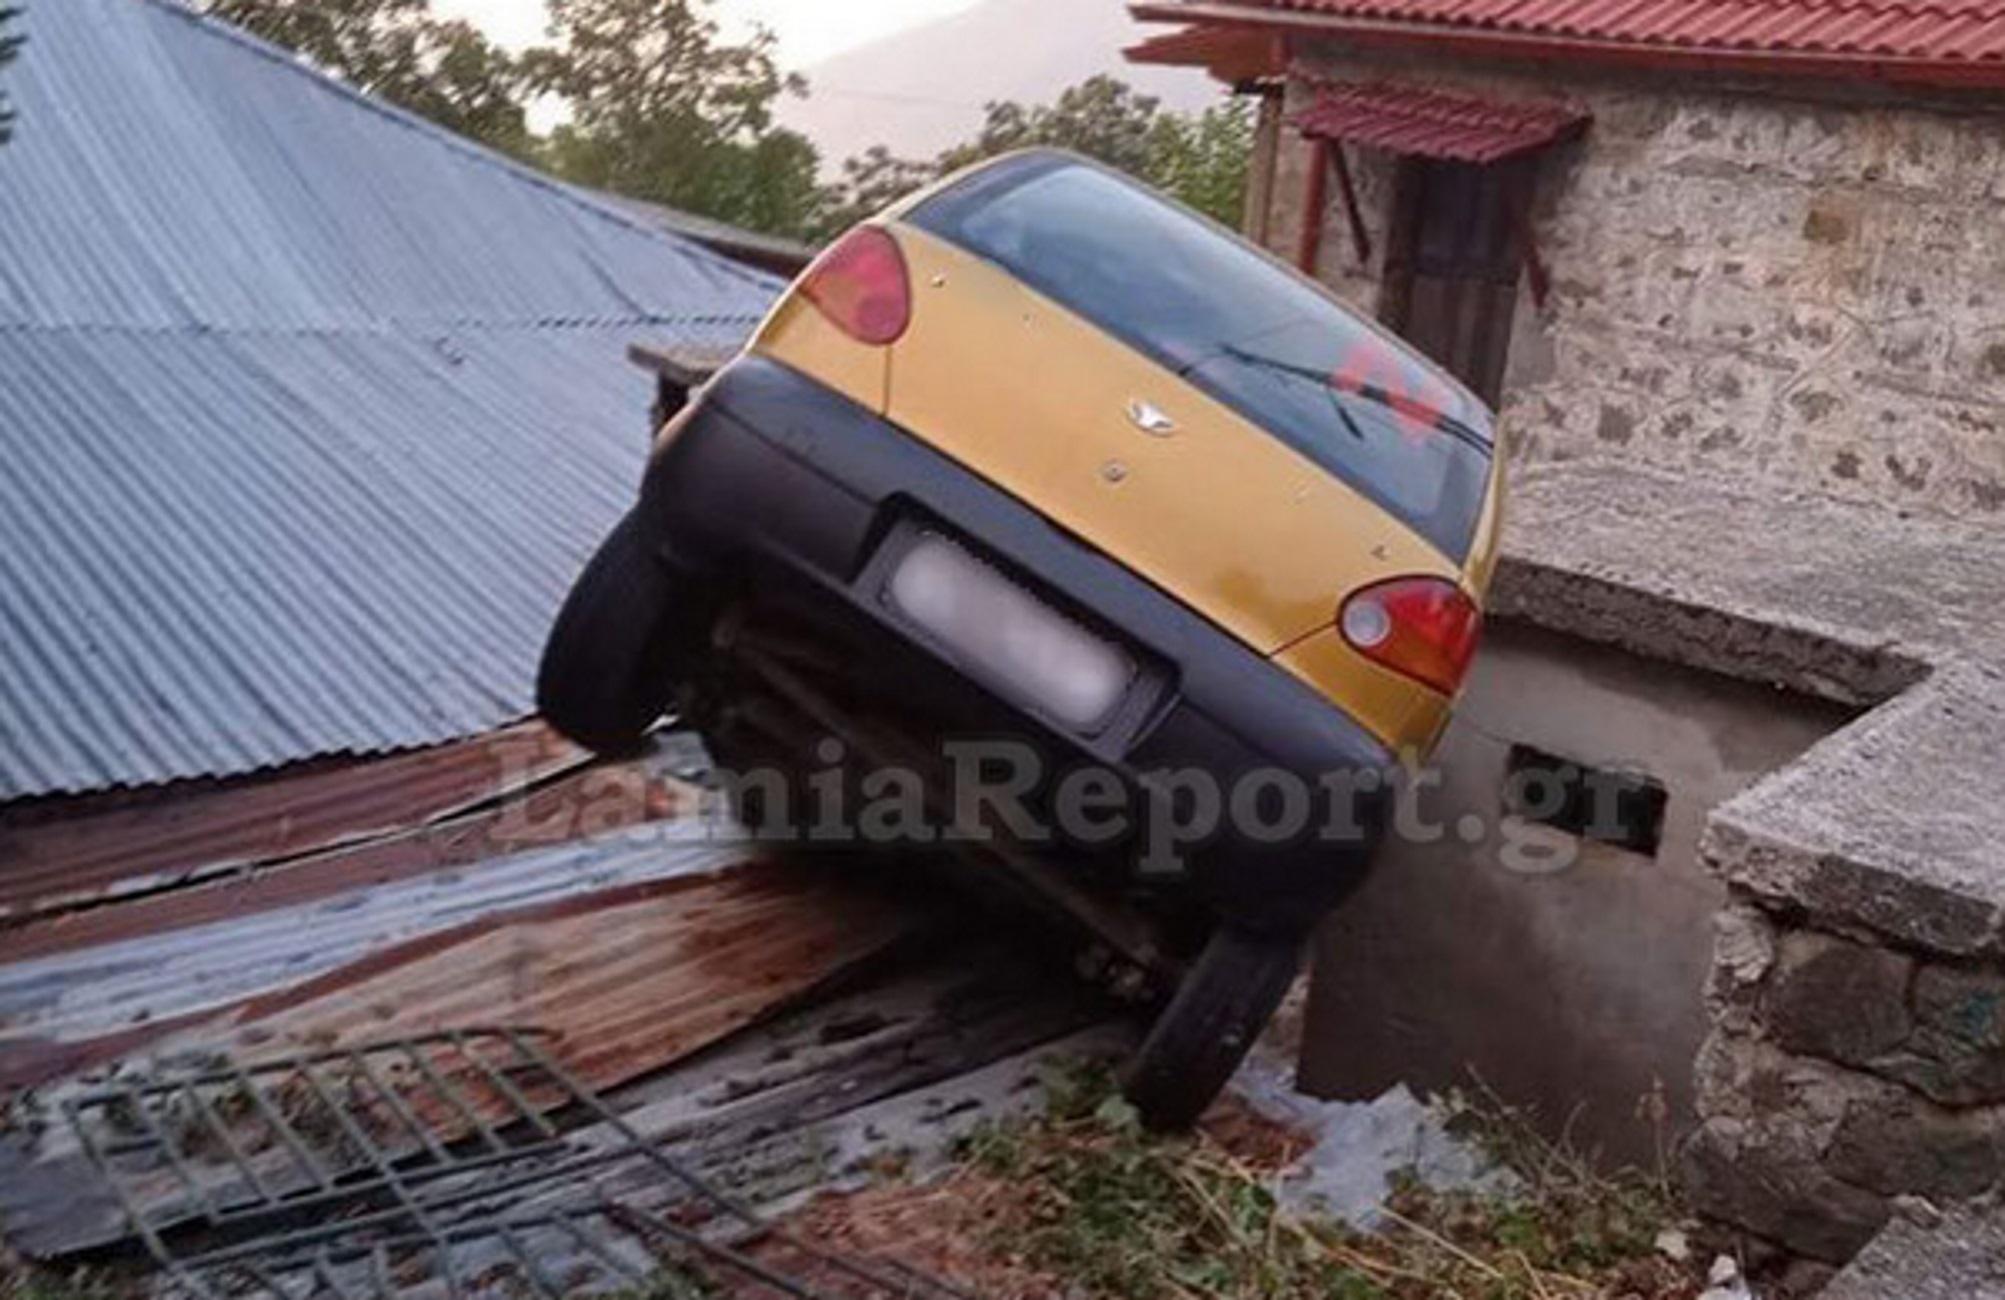 Φθιώτιδα: Αυτοκίνητο κατέληξε σε αυλή σπιτιών – Οι εικόνες μετά το αναπάντεχο ατύχημα